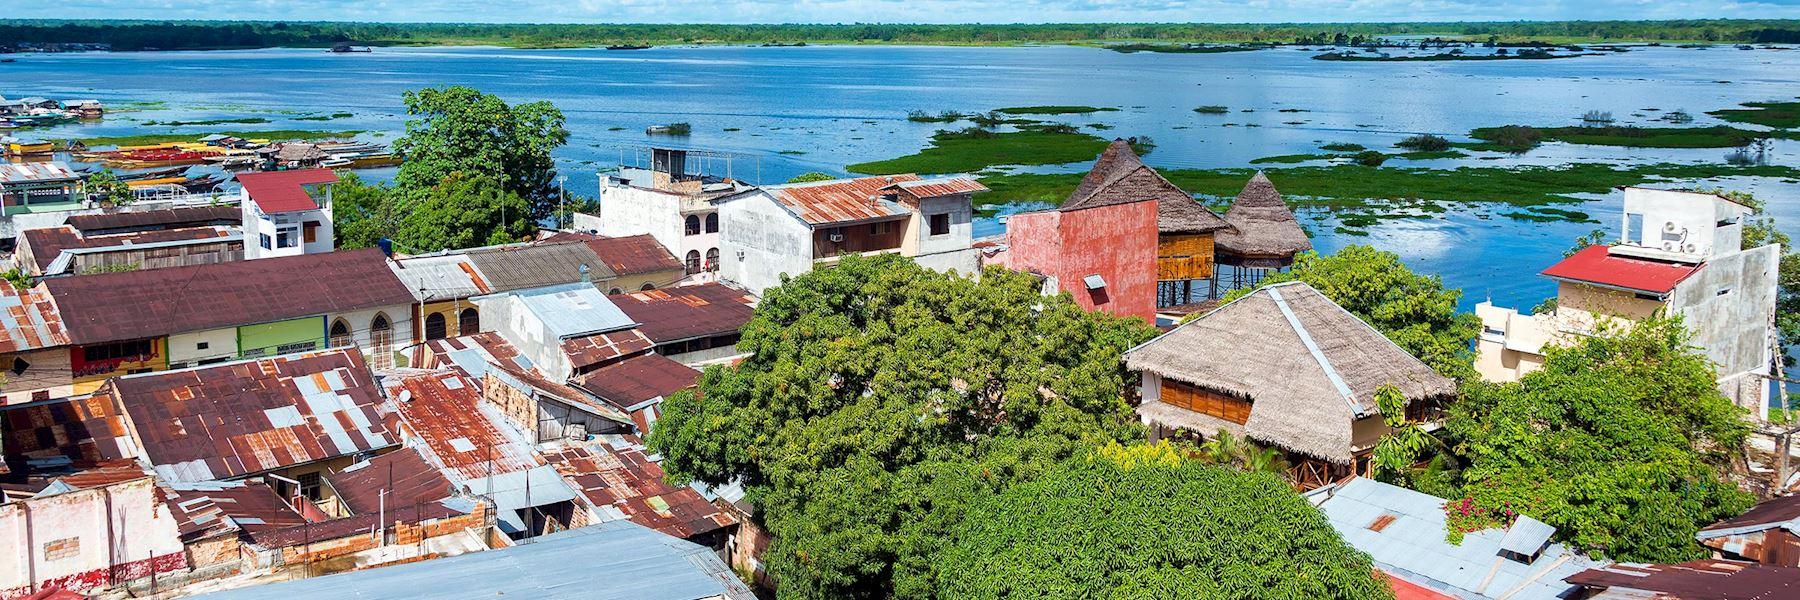 Visit Iquitos, Peru